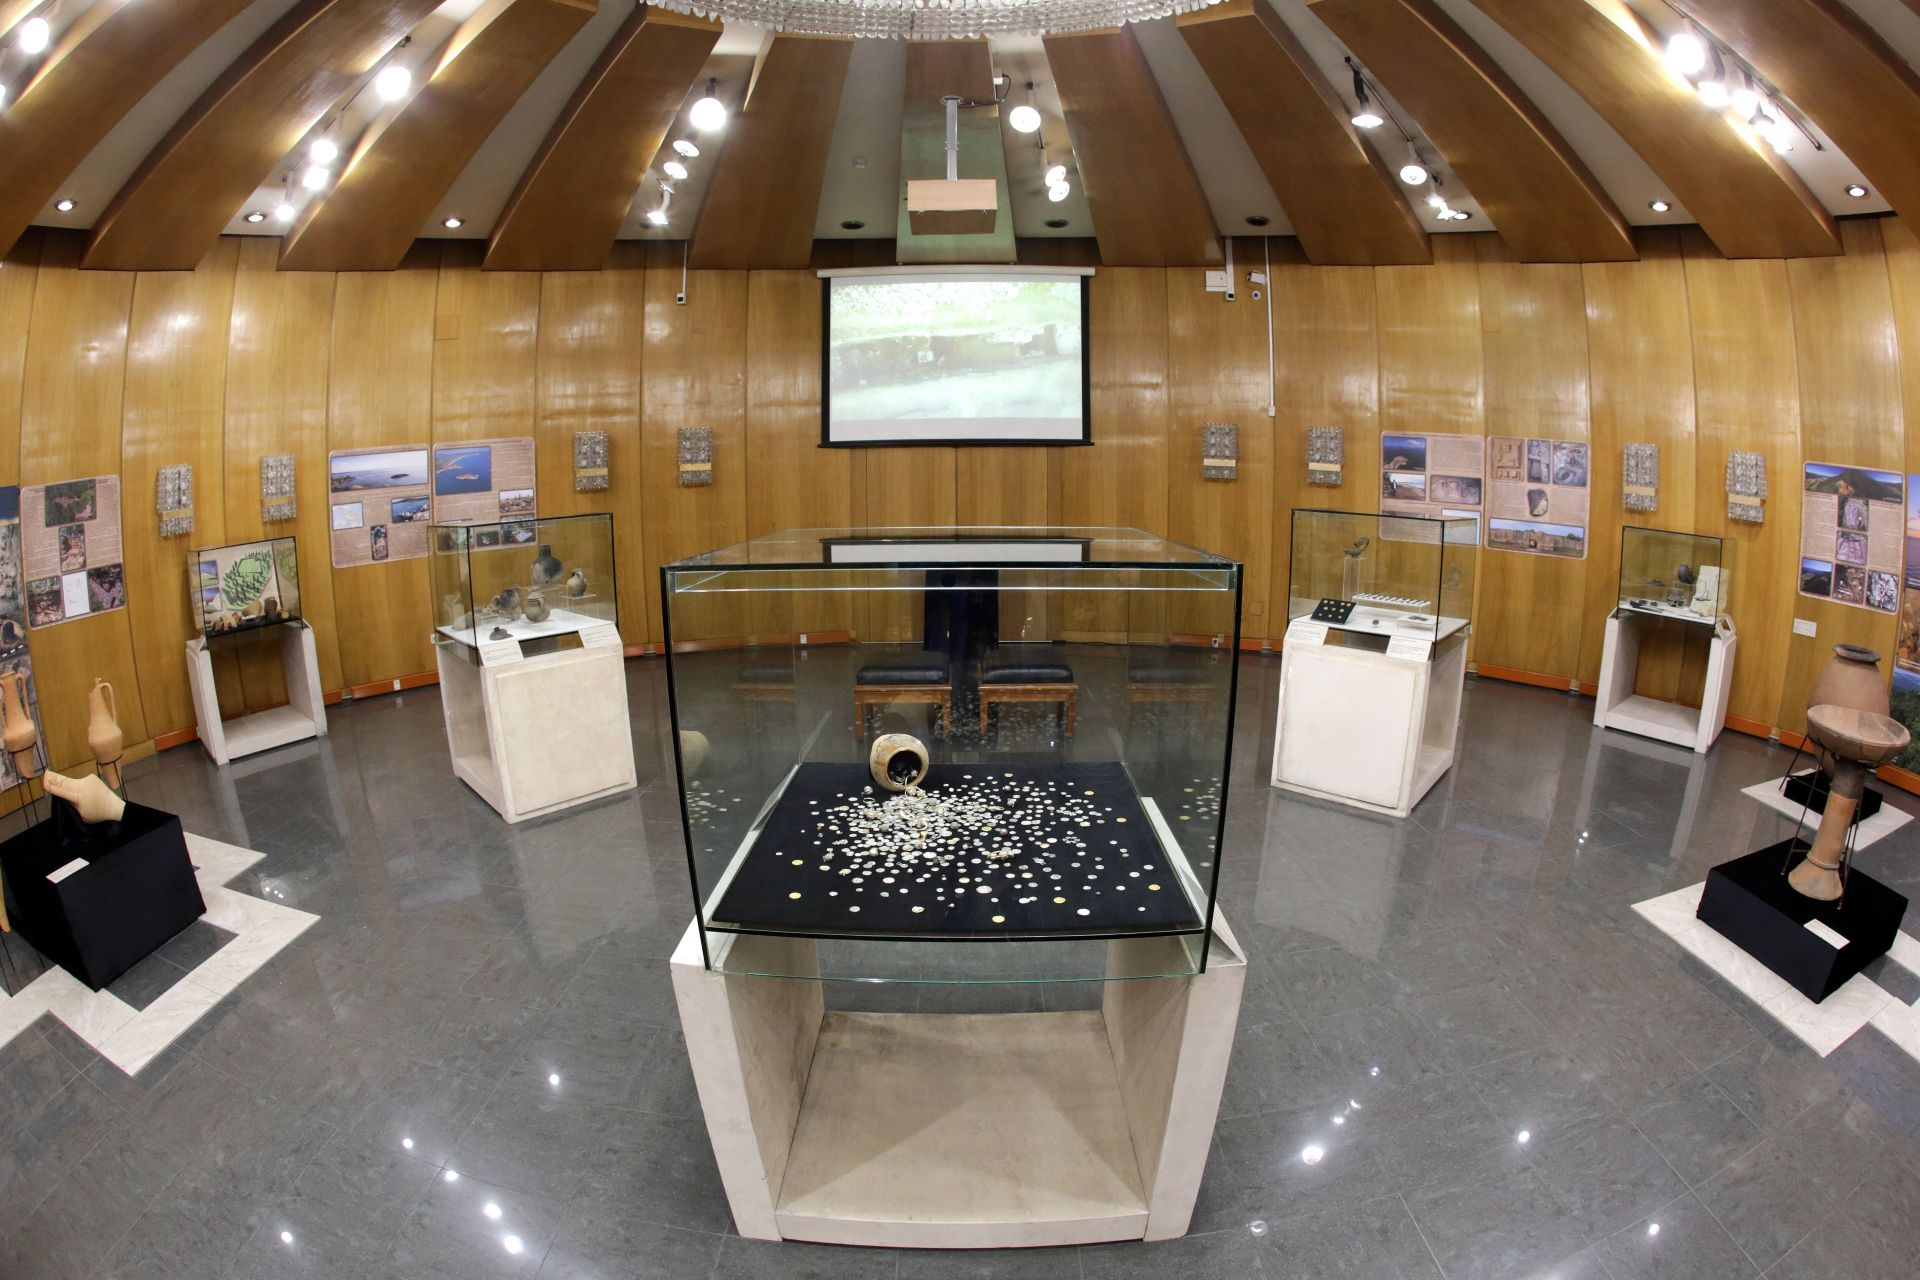 Националният исторически музей представи на специална изложба археологическите си открития през 2018 г. - златни и сребърни съкровища, изящни древни предмети и културни ценности